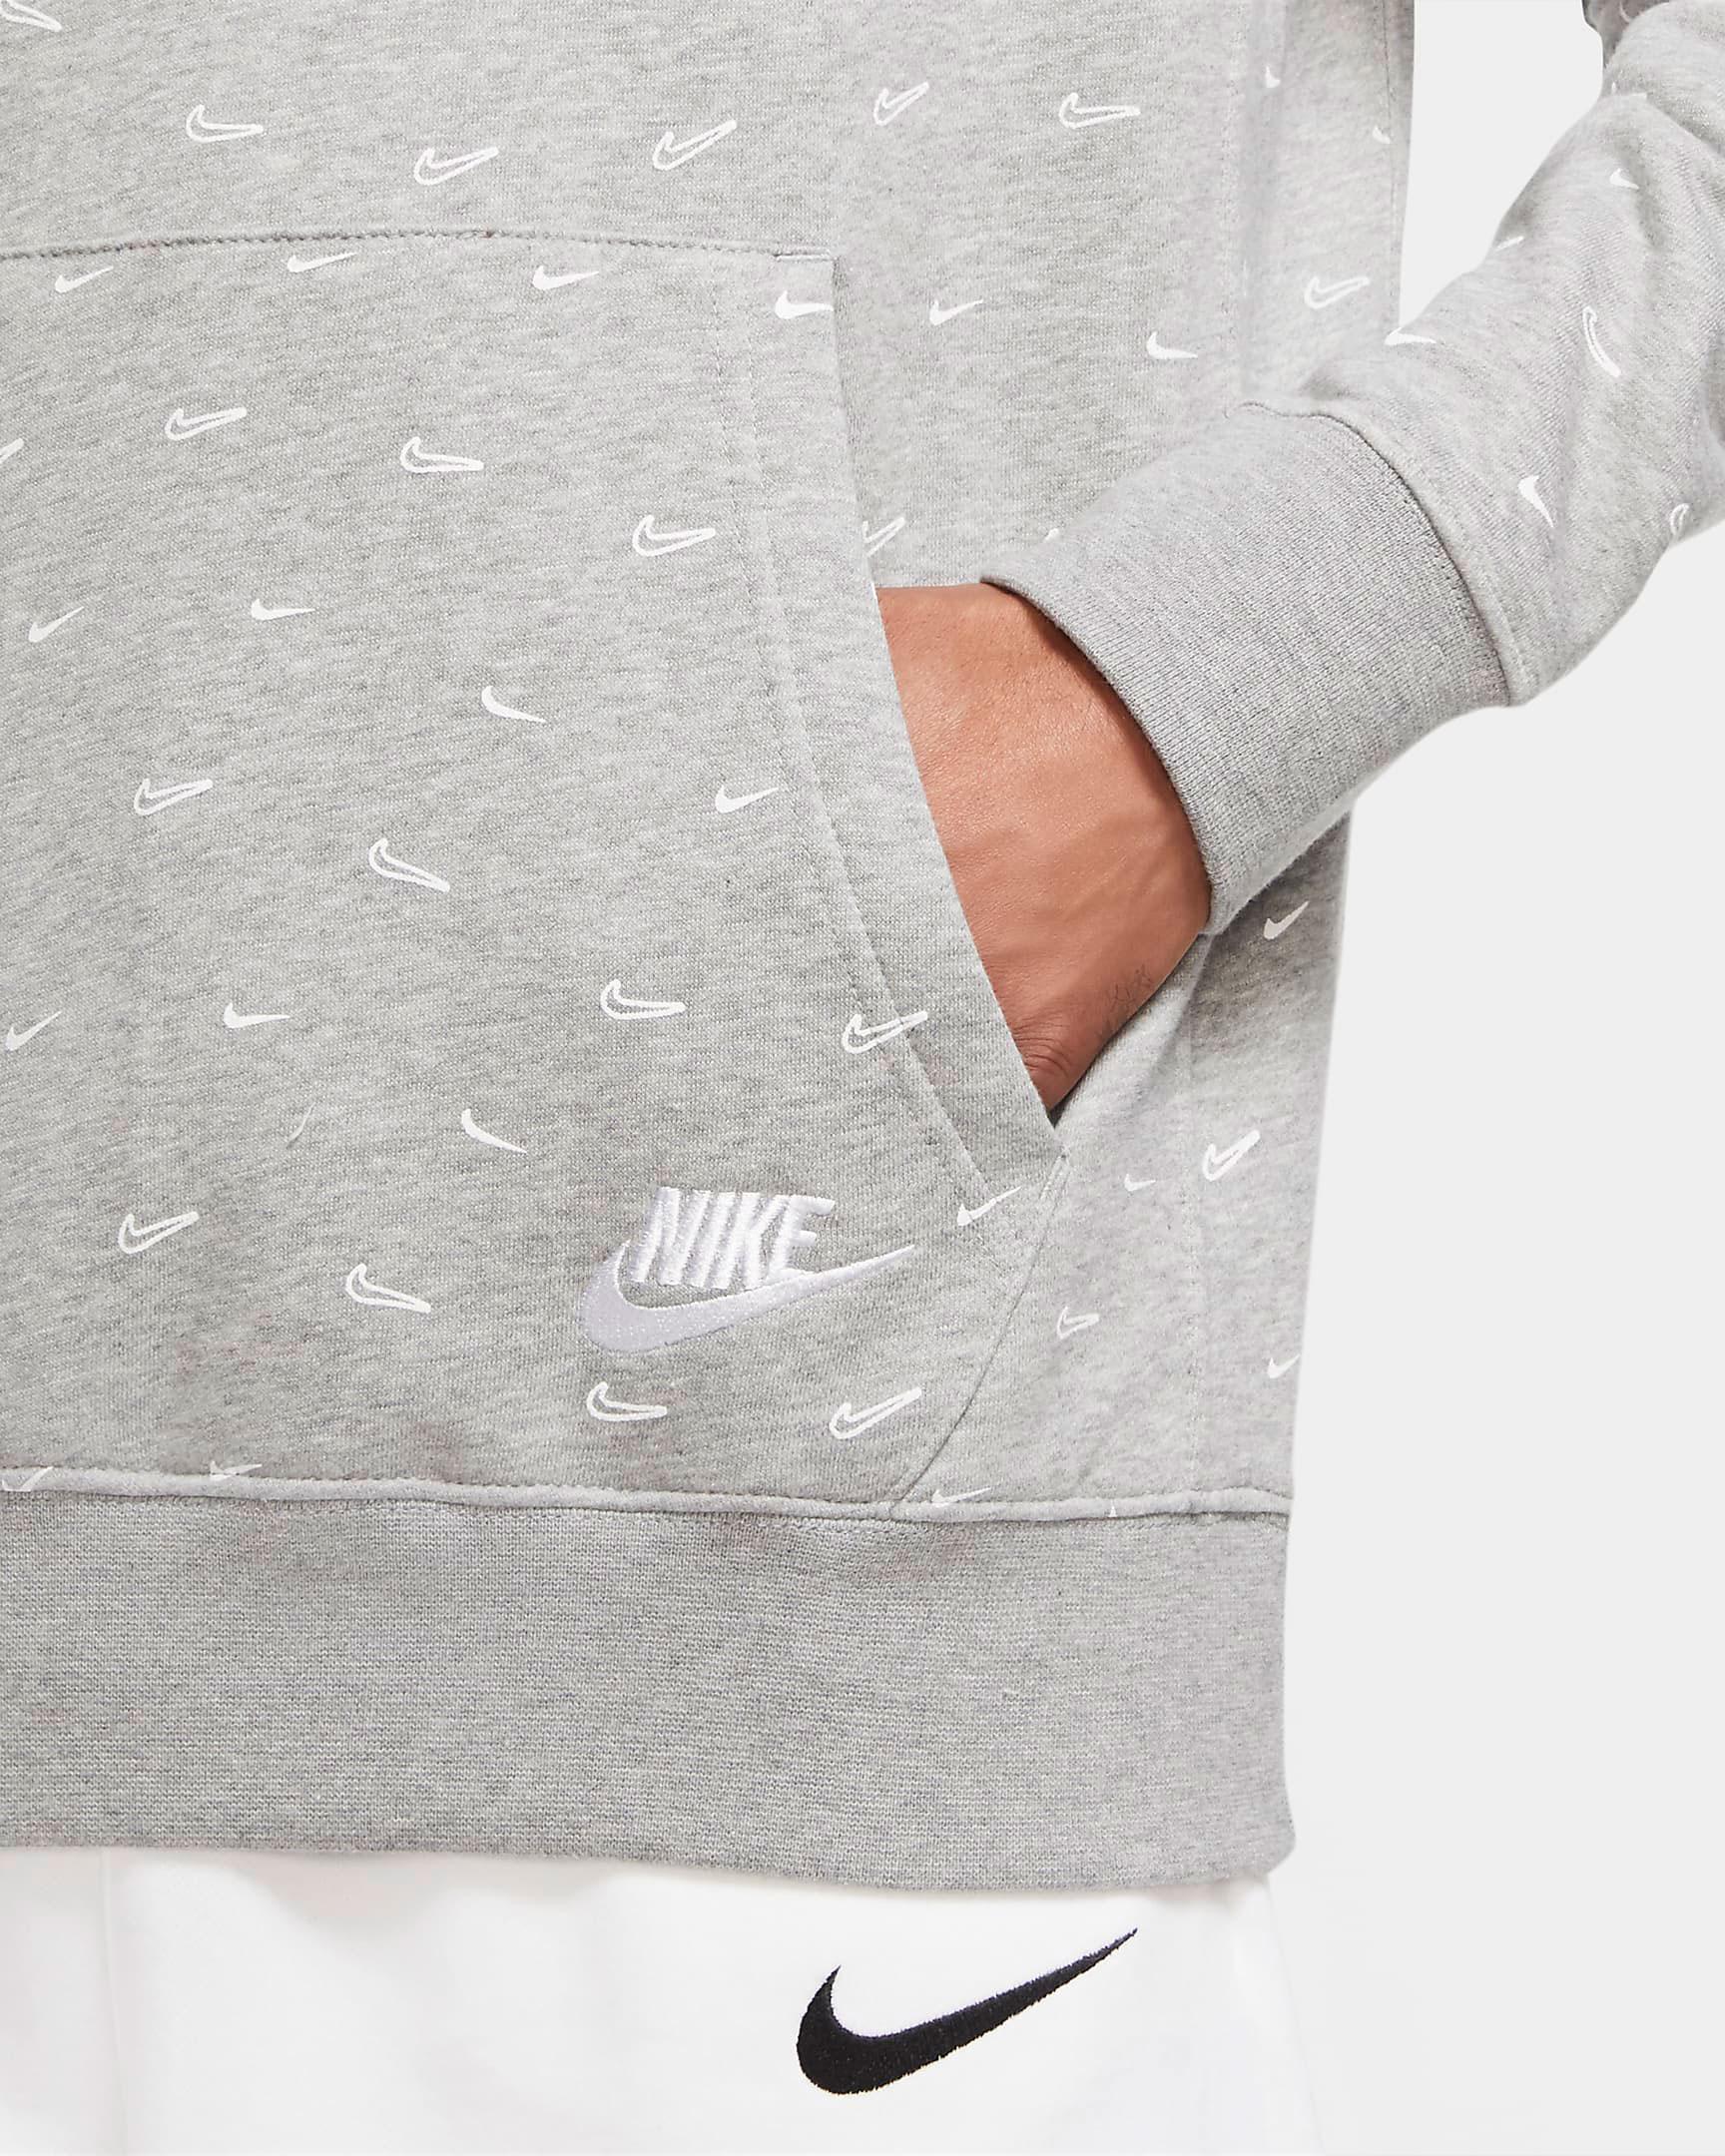 nike-adapt-bb-2-oreo-white-cement-hoodie-to-match-2